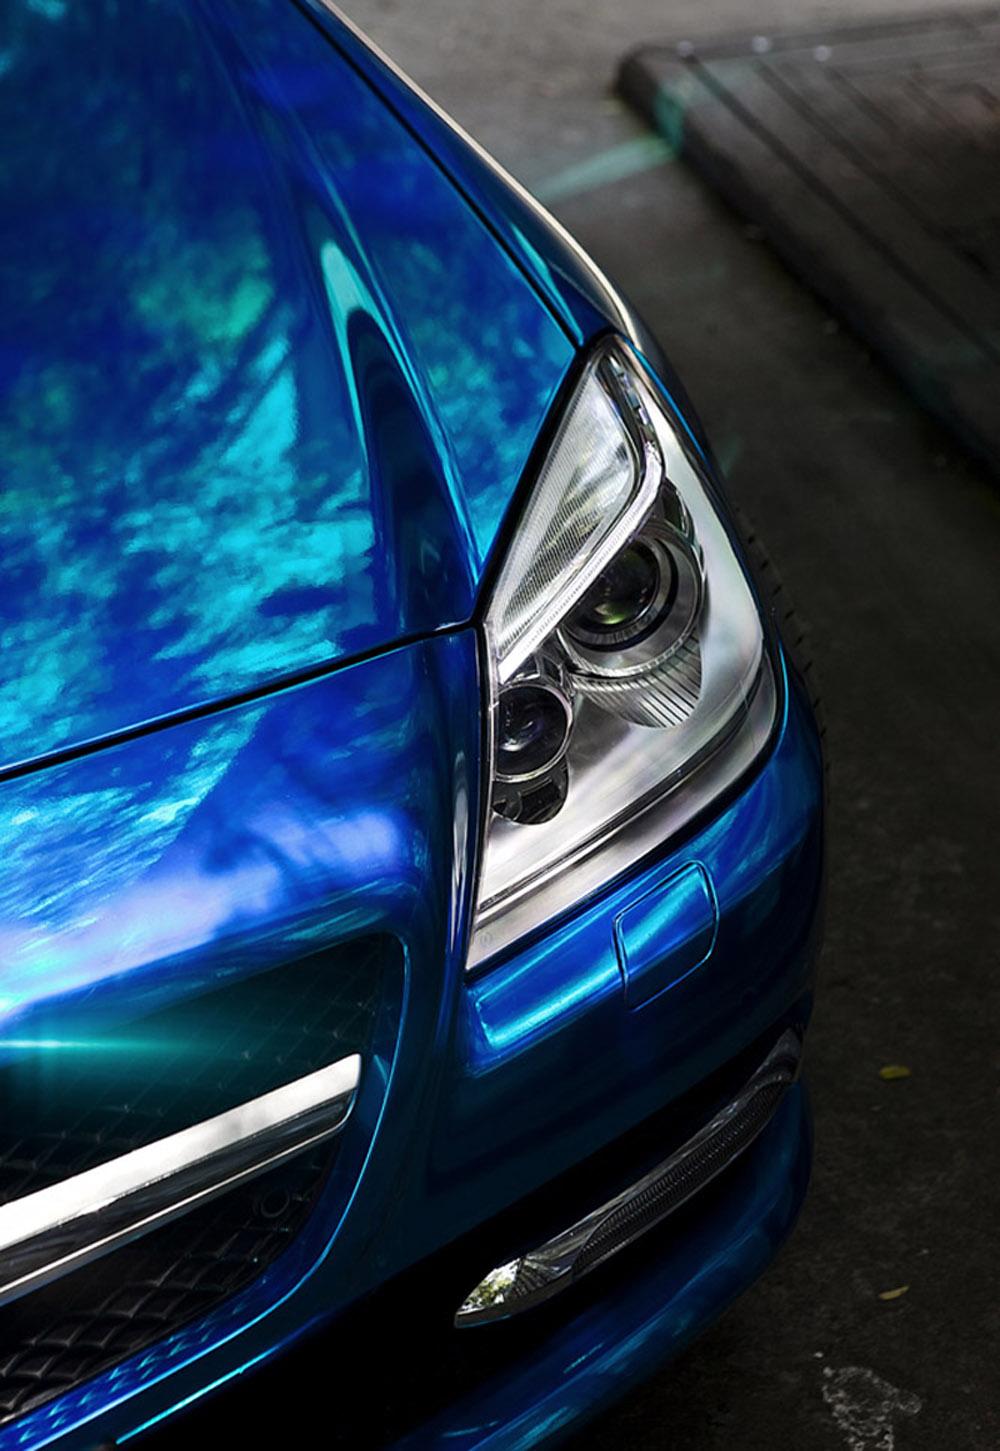 奔驰slk改装电镀蓝贴膜高清图片